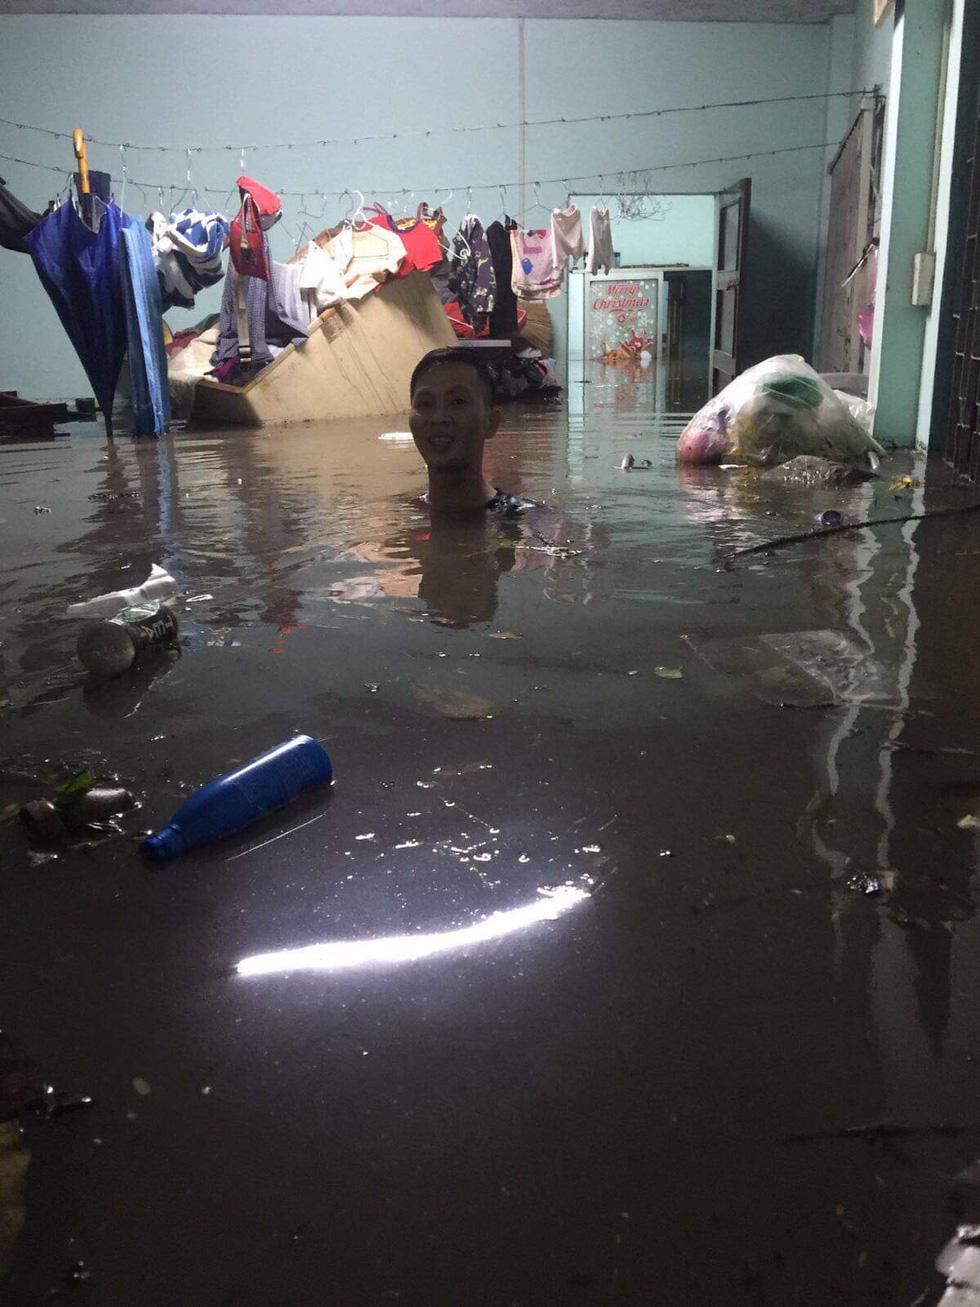 Sau cơn mưa cả tiếng ở TP.HCM, nước tràn vào nhà dân gần 1m - Ảnh 2.